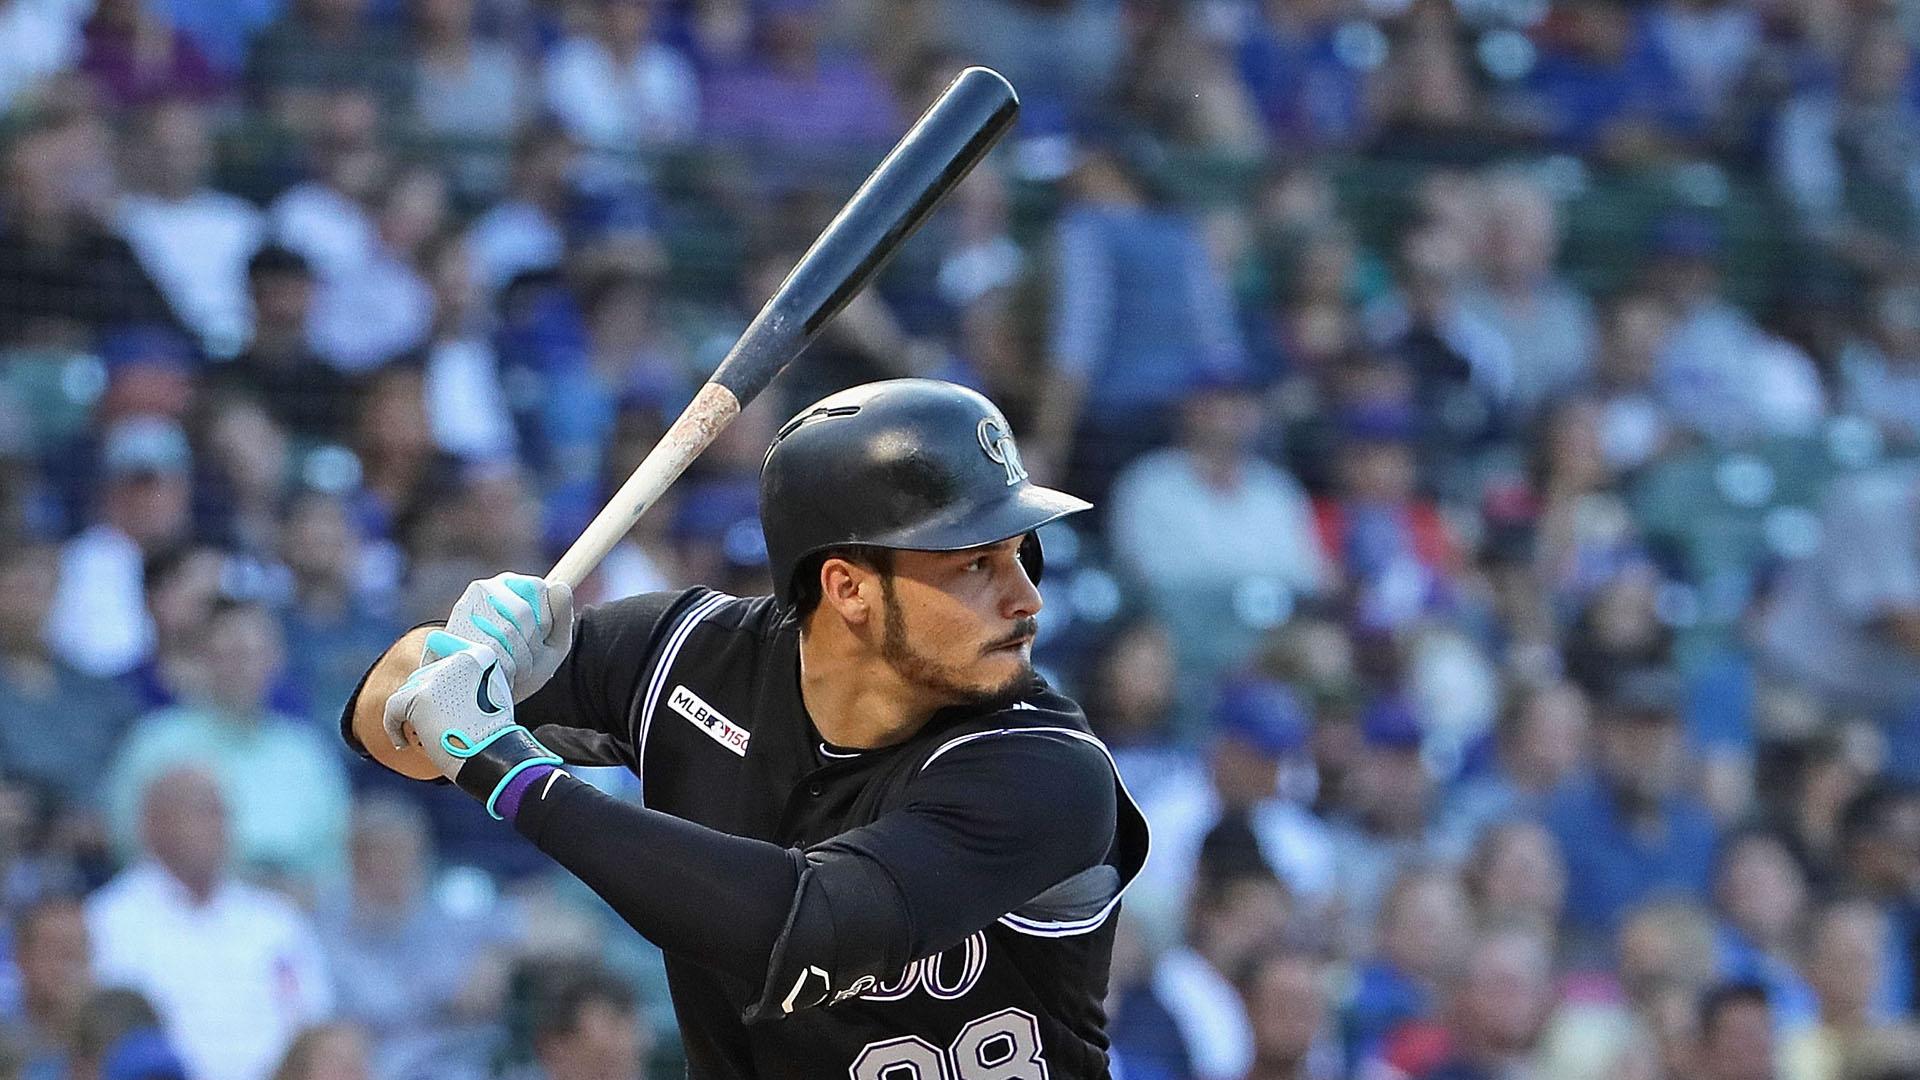 MLB wrap: Nolan Arenado powers Rockies to win over Diamondbacks